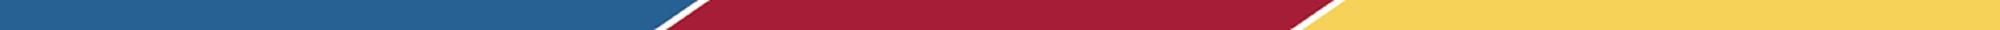 three_color_border.2000w